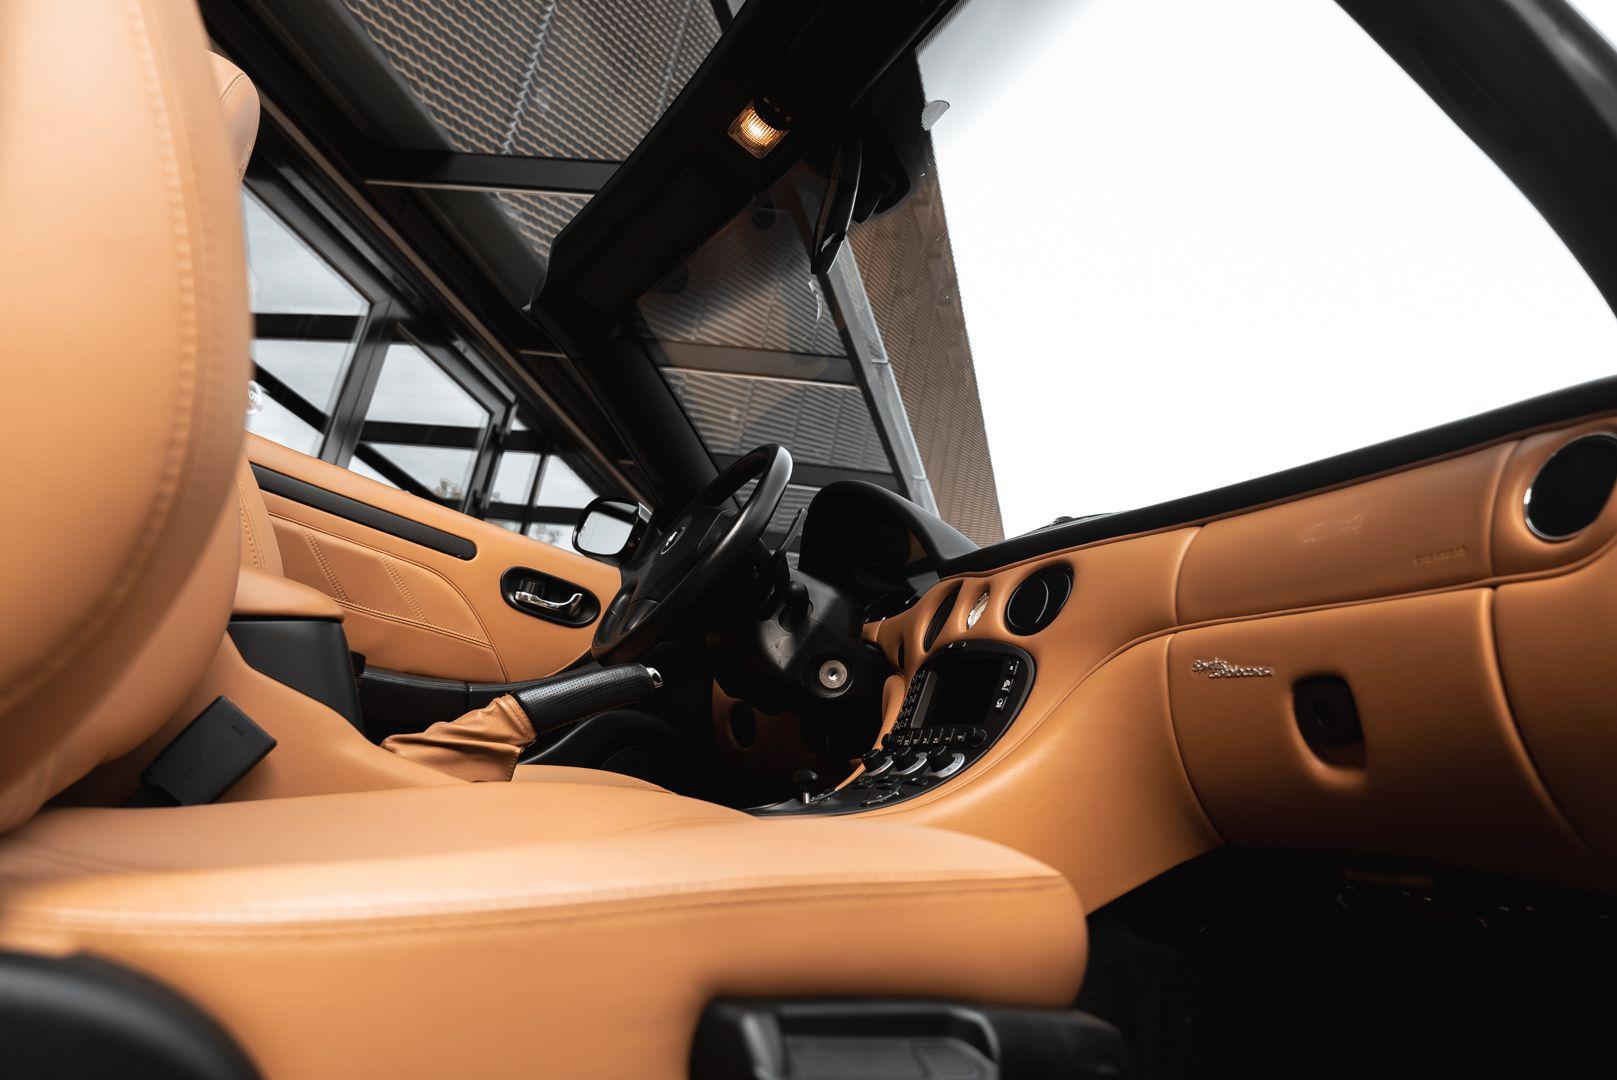 2003 Maserati Spyder 4.2 Cambiocorsa 82959